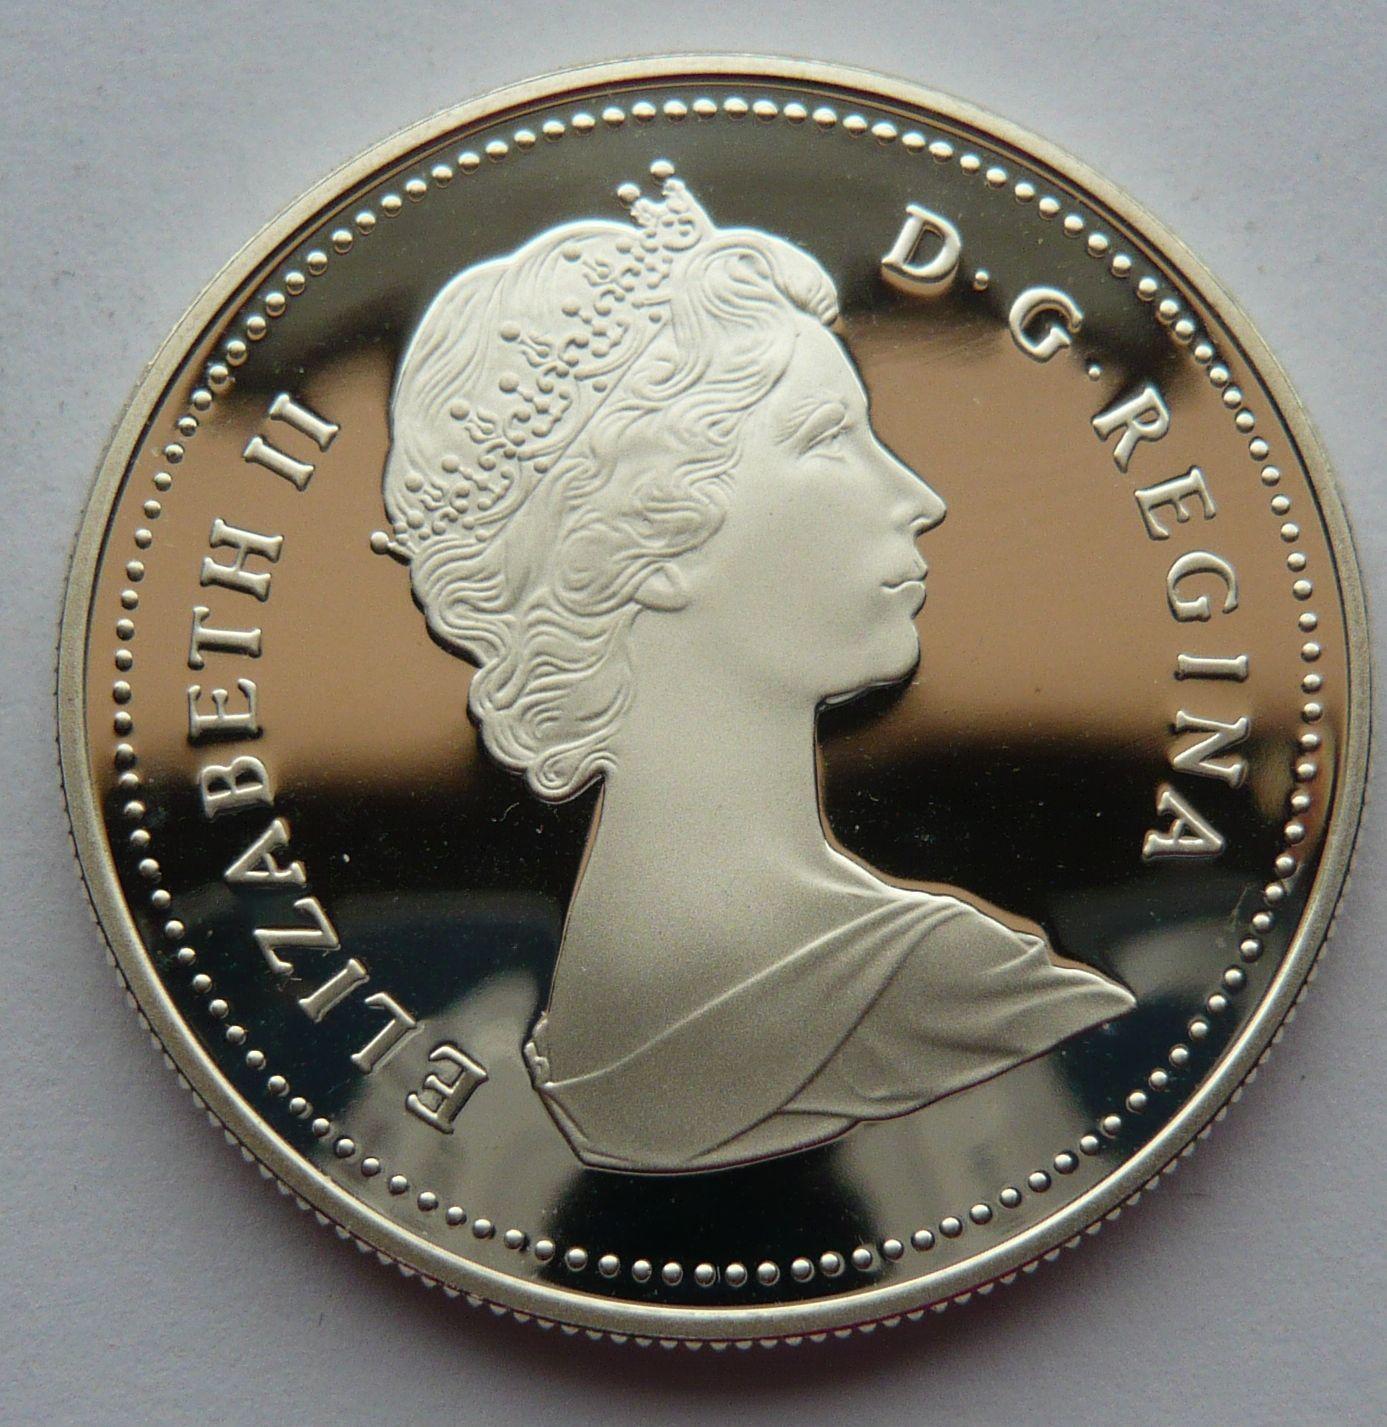 Kanada 1 Dollar 1886-1986